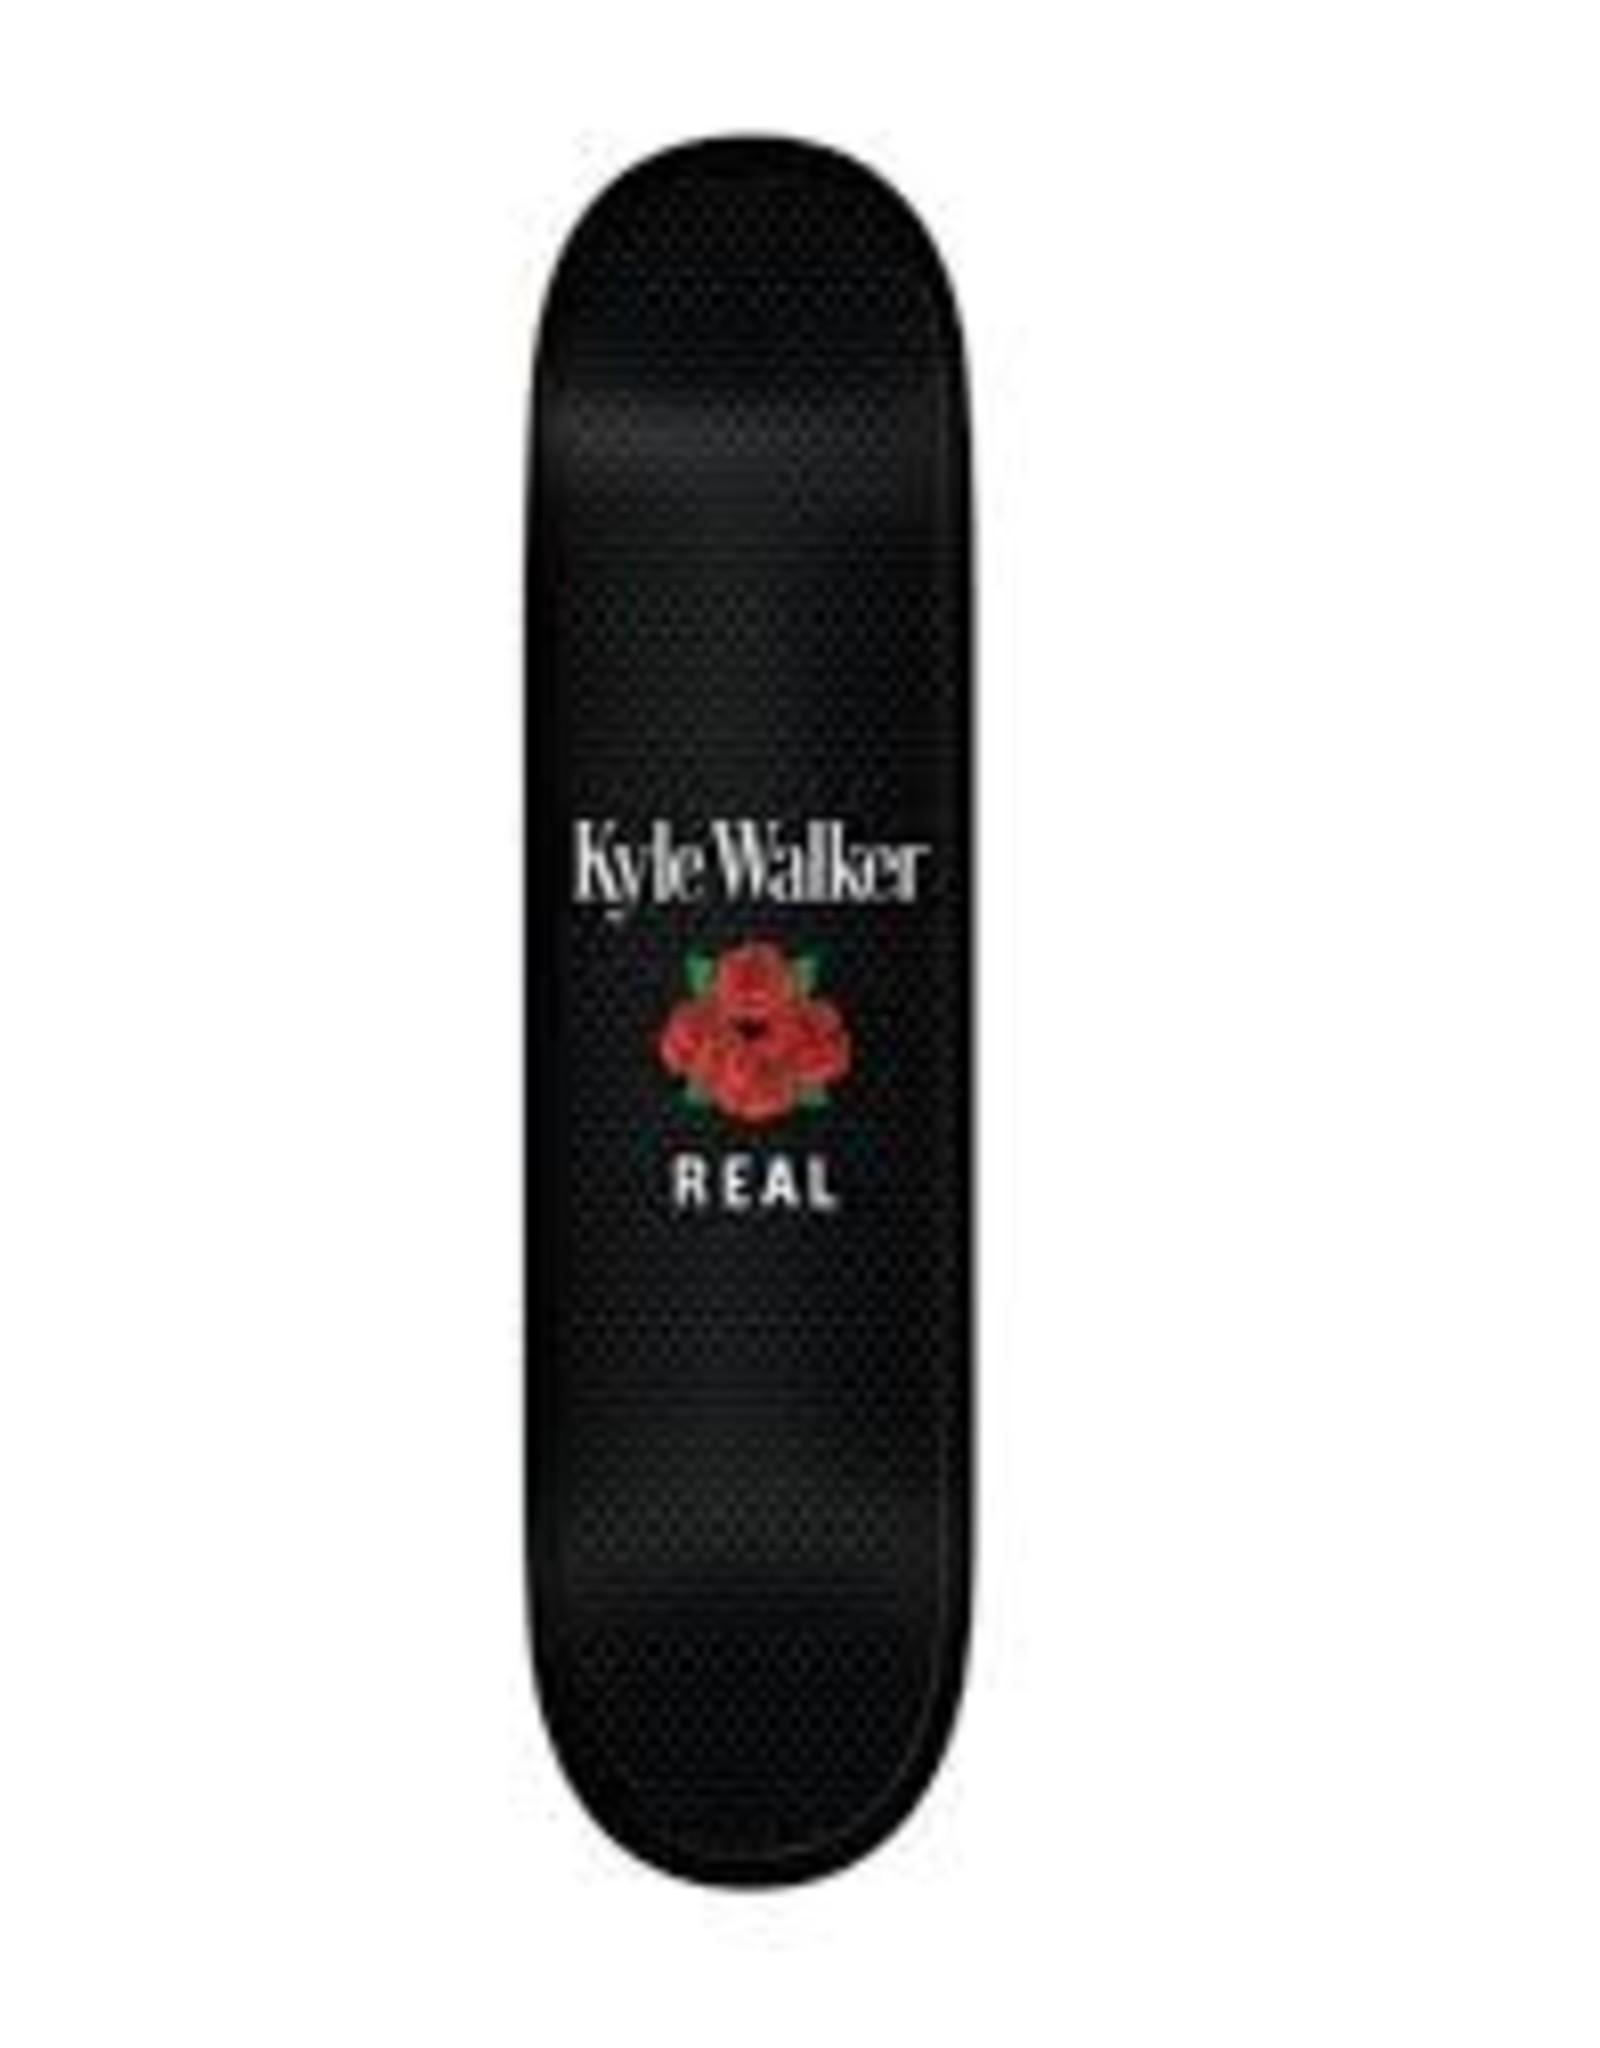 """Real - Kyle Walker Last Call DECK - 8.38"""" - Free Grip"""